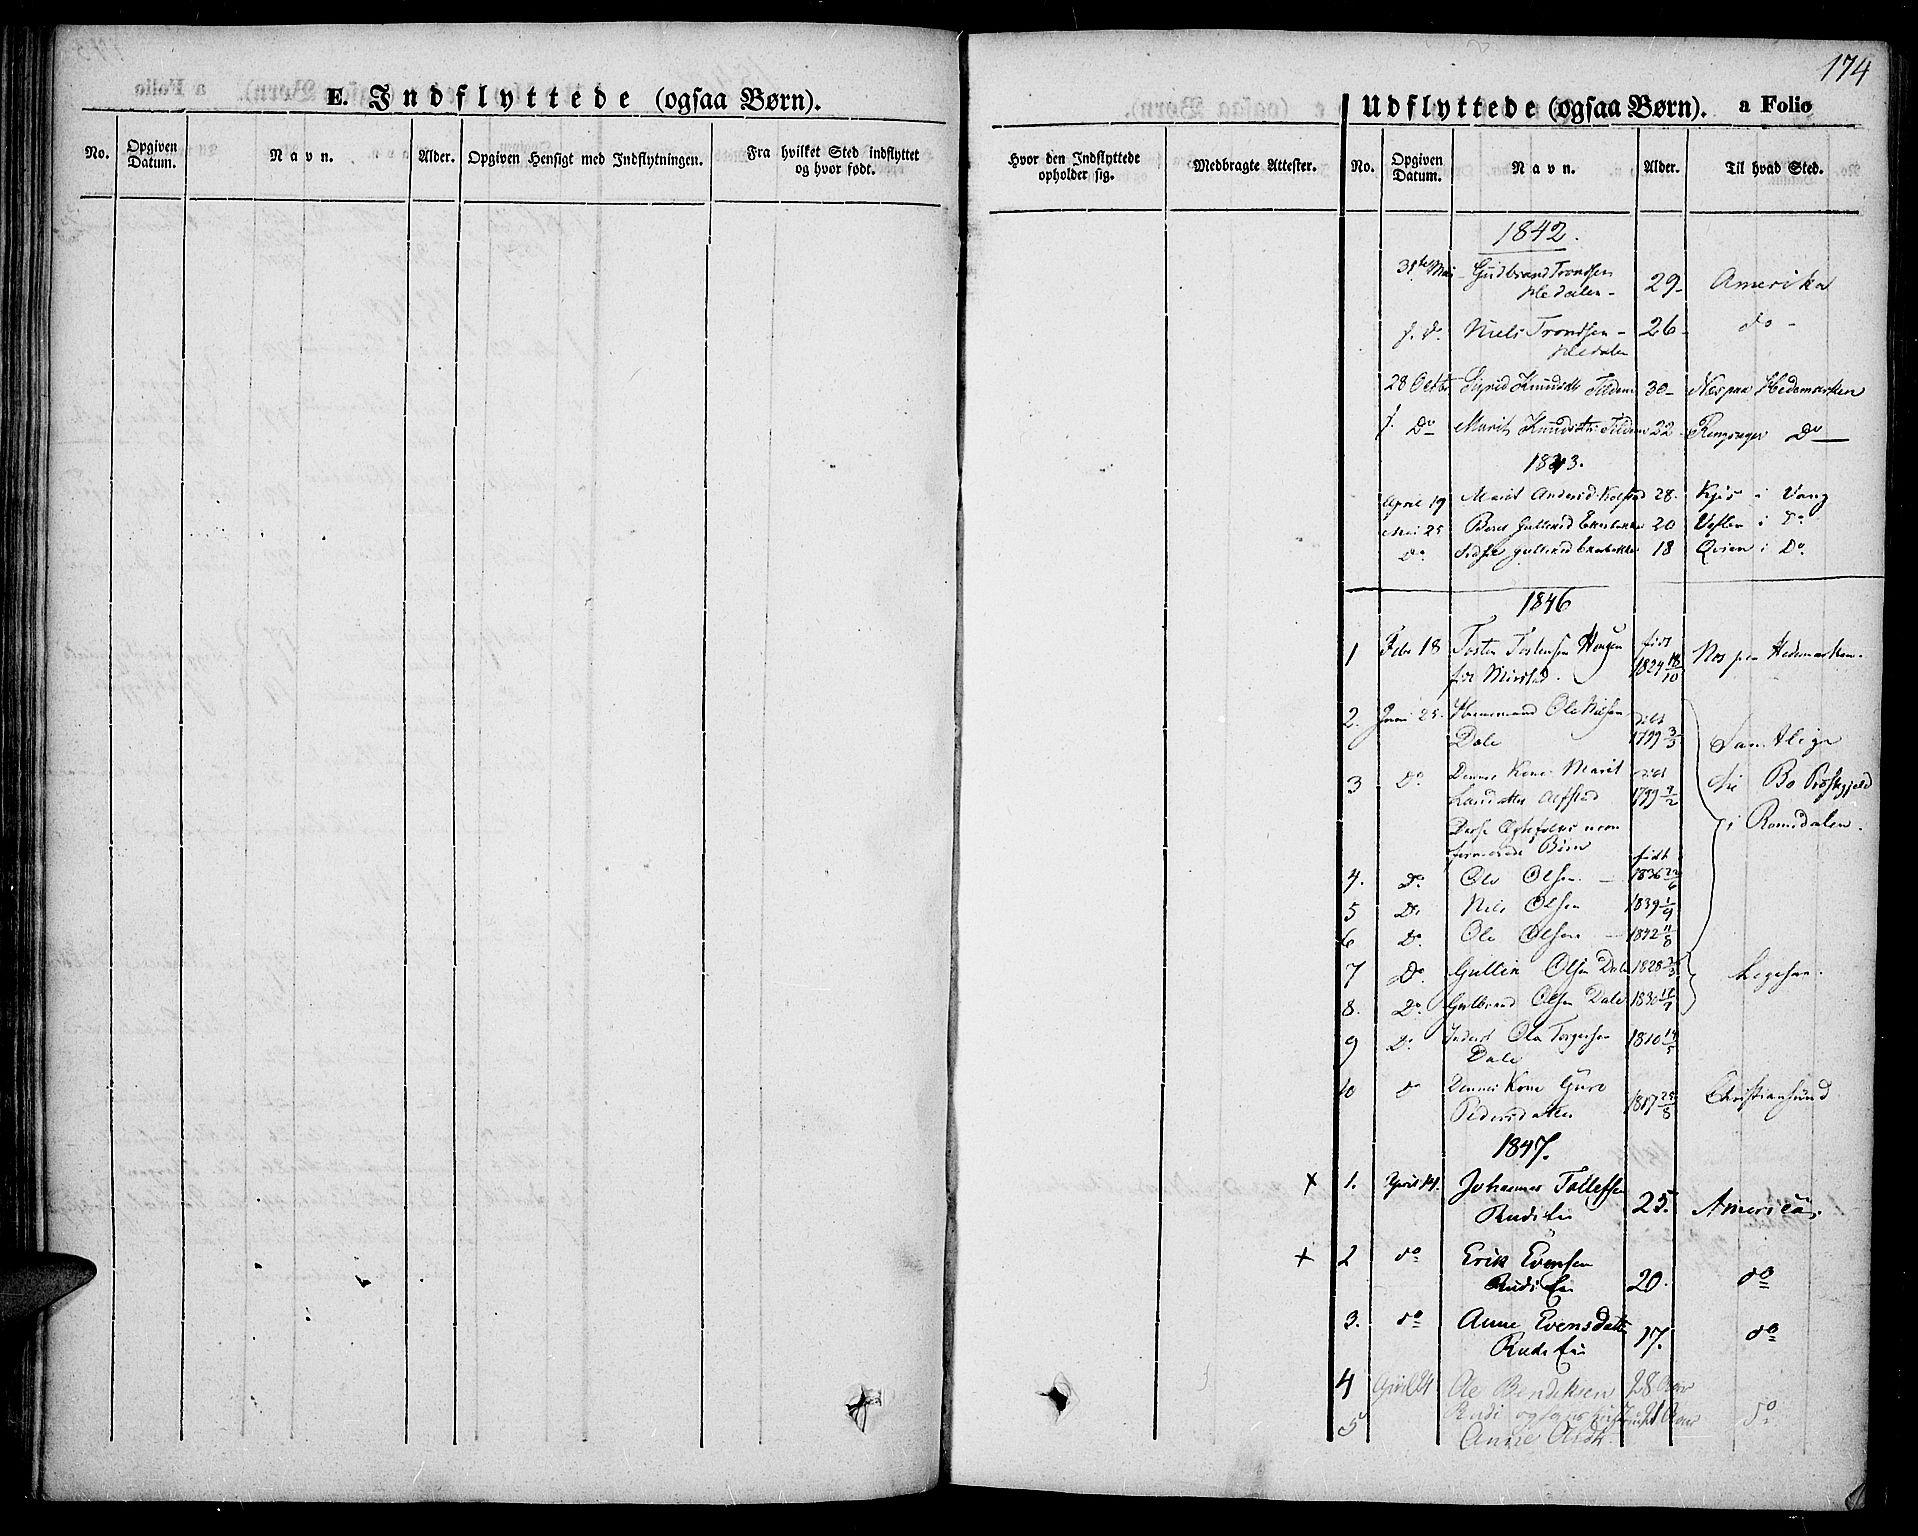 SAH, Slidre prestekontor, Ministerialbok nr. 4, 1831-1848, s. 174